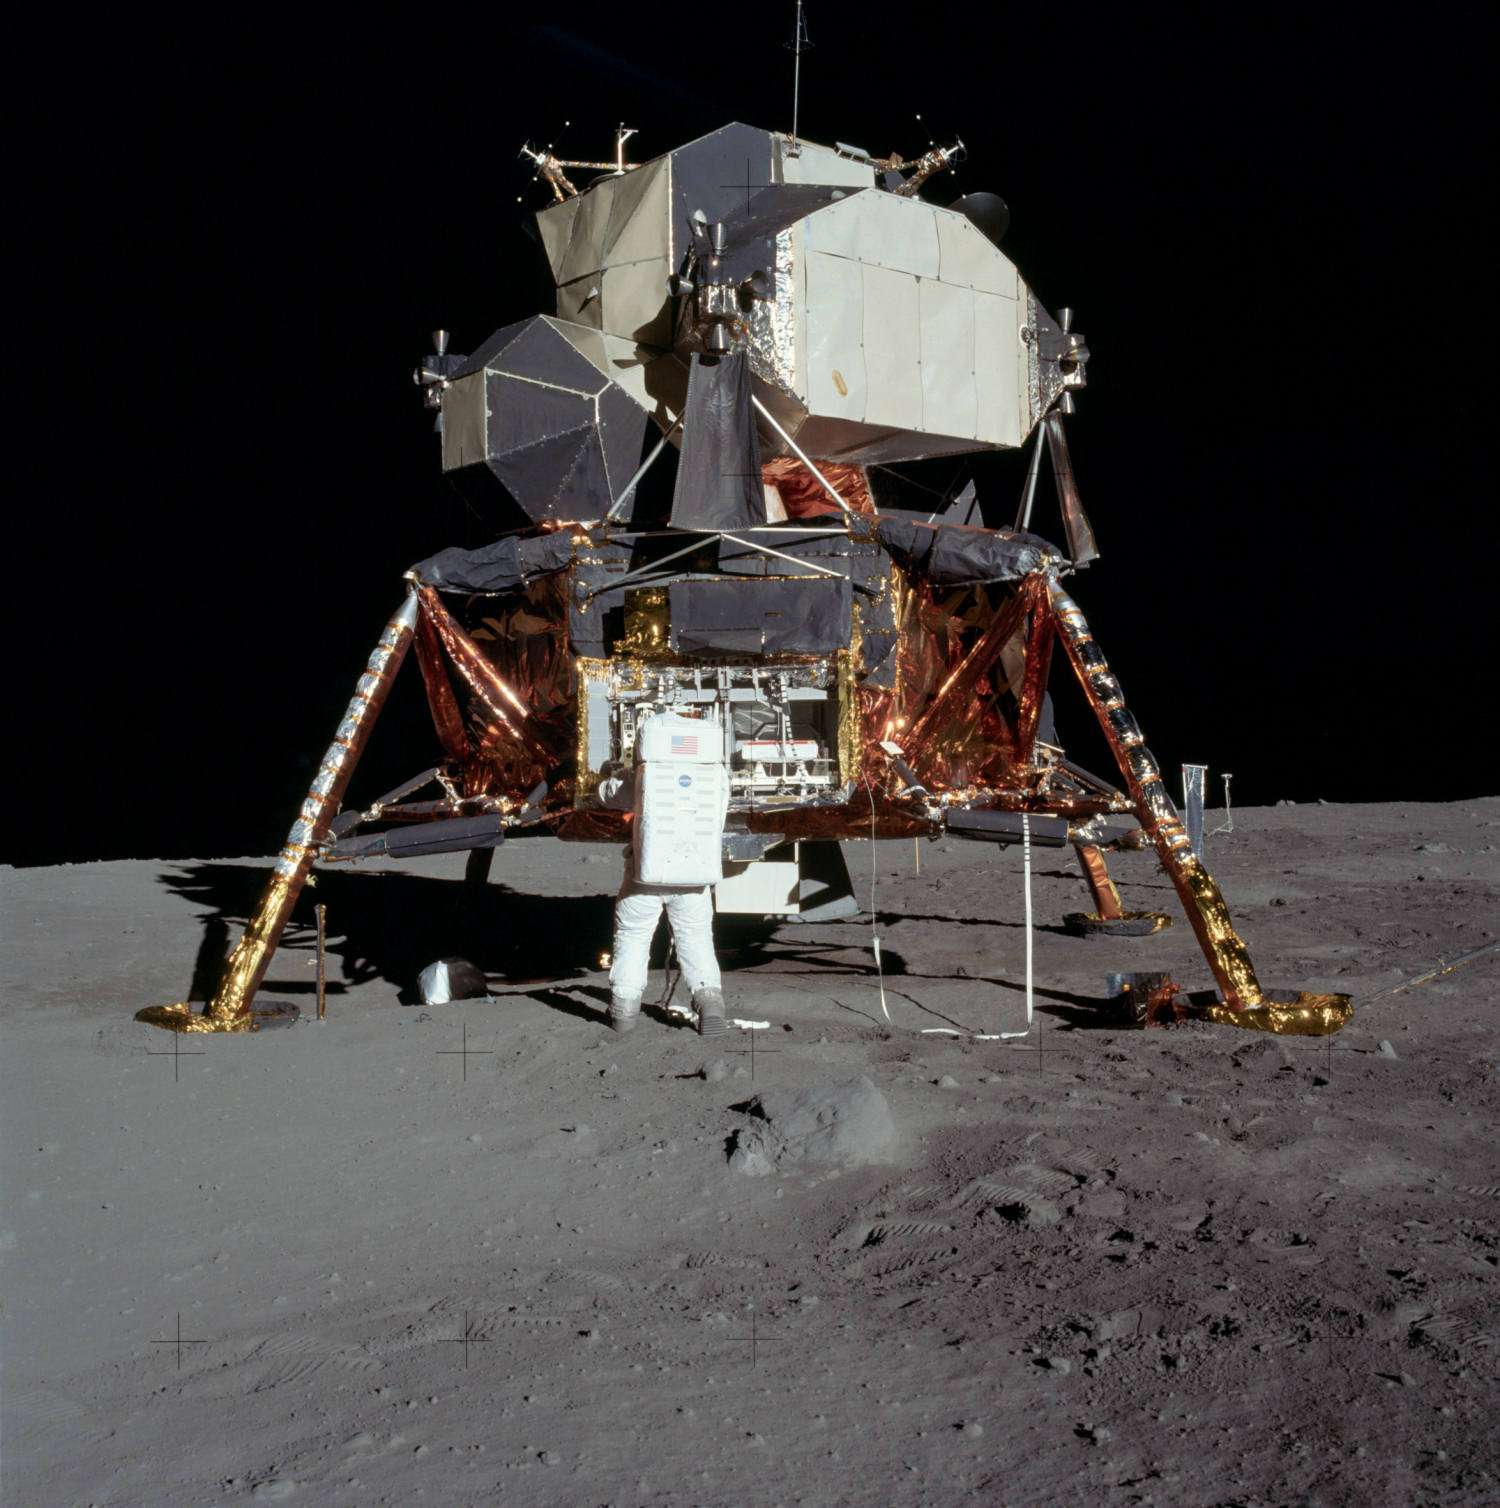 Buzz Aldrin devant le Lunar Module, baptisé Eagle. Seule la partie supérieure a quitté la Lune. Le premier étage, reposant sur ses quatre jambes d'atterrissage vient d'être photographié par LRO. © Nasa/Neil Armstrong